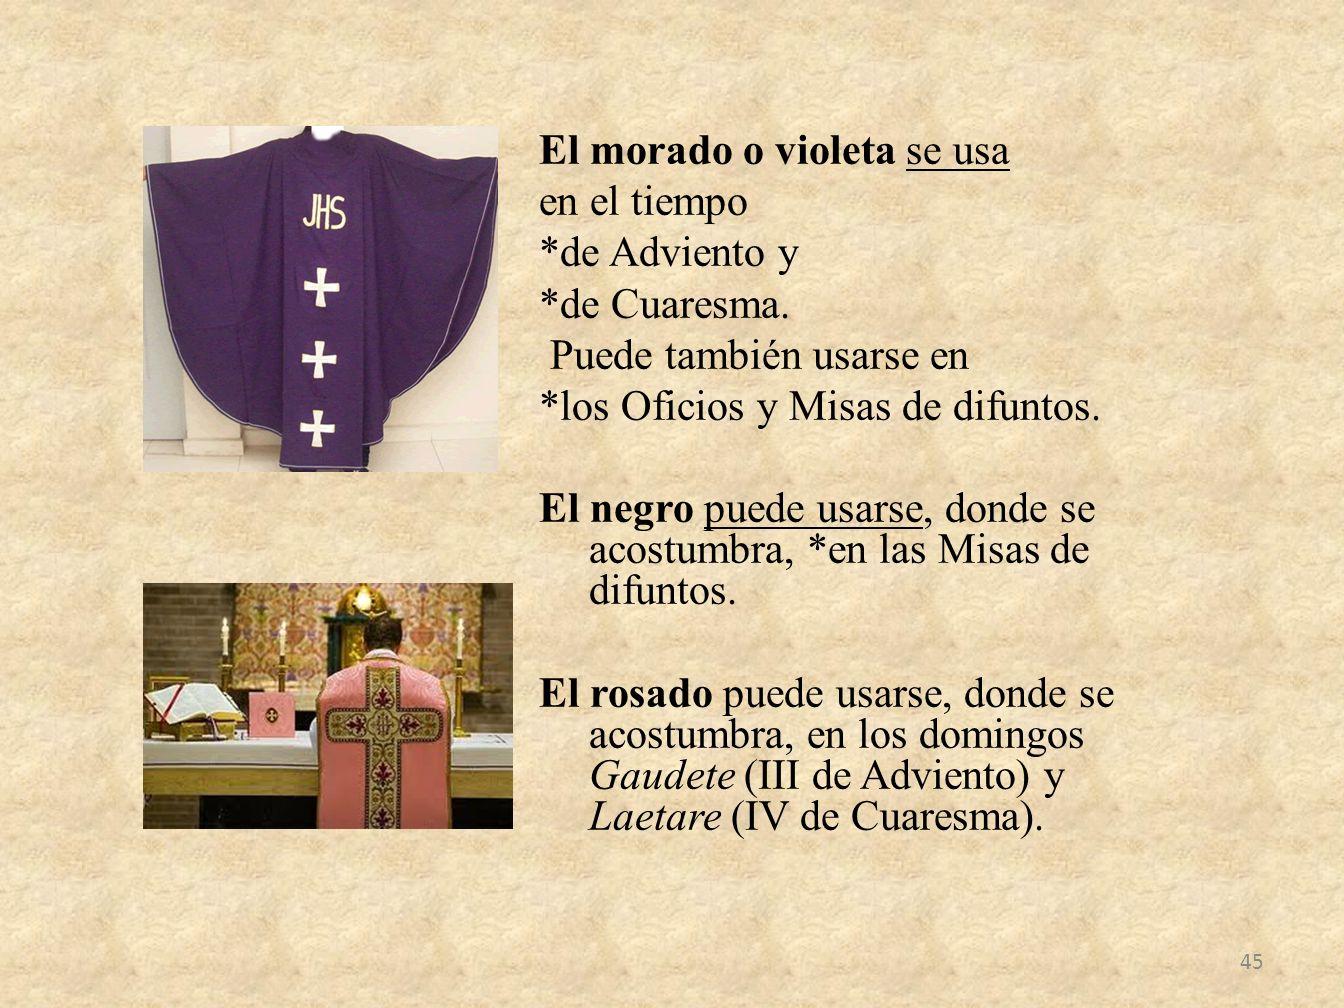 El morado o violeta se usa en el tiempo *de Adviento y *de Cuaresma. Puede también usarse en *los Oficios y Misas de difuntos. El negro puede usarse,